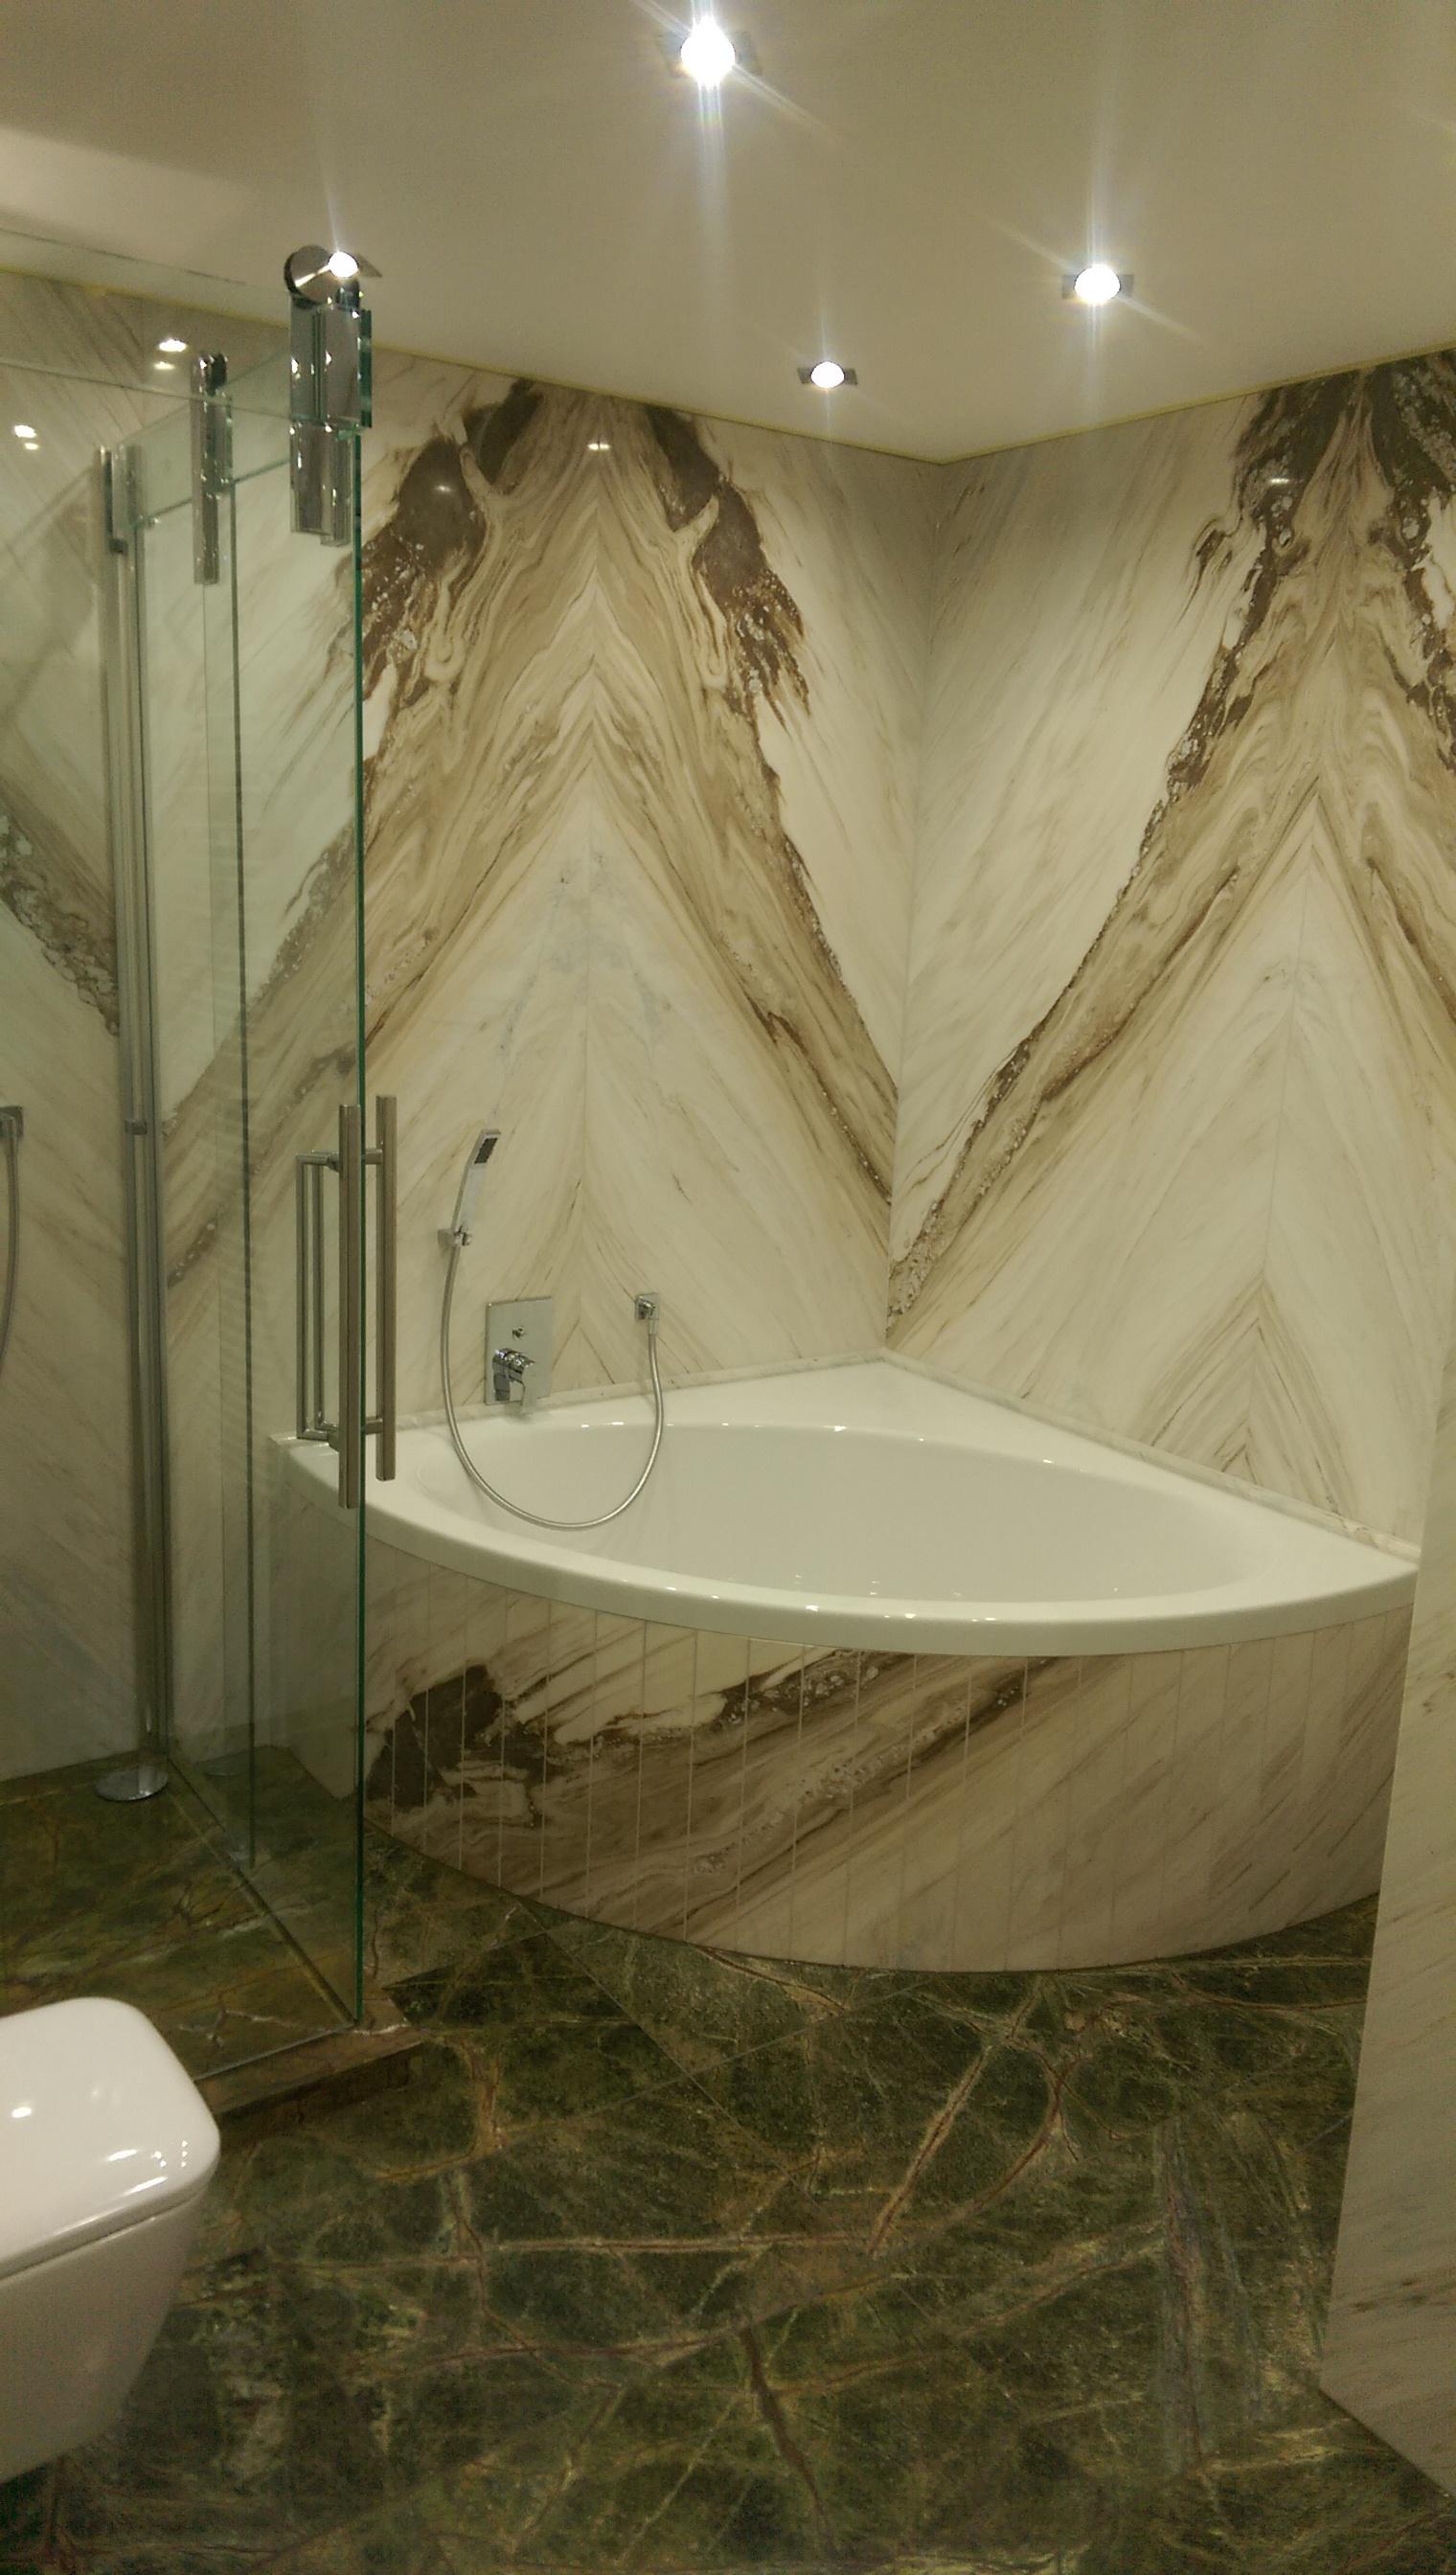 Badewanne im Luxusbad